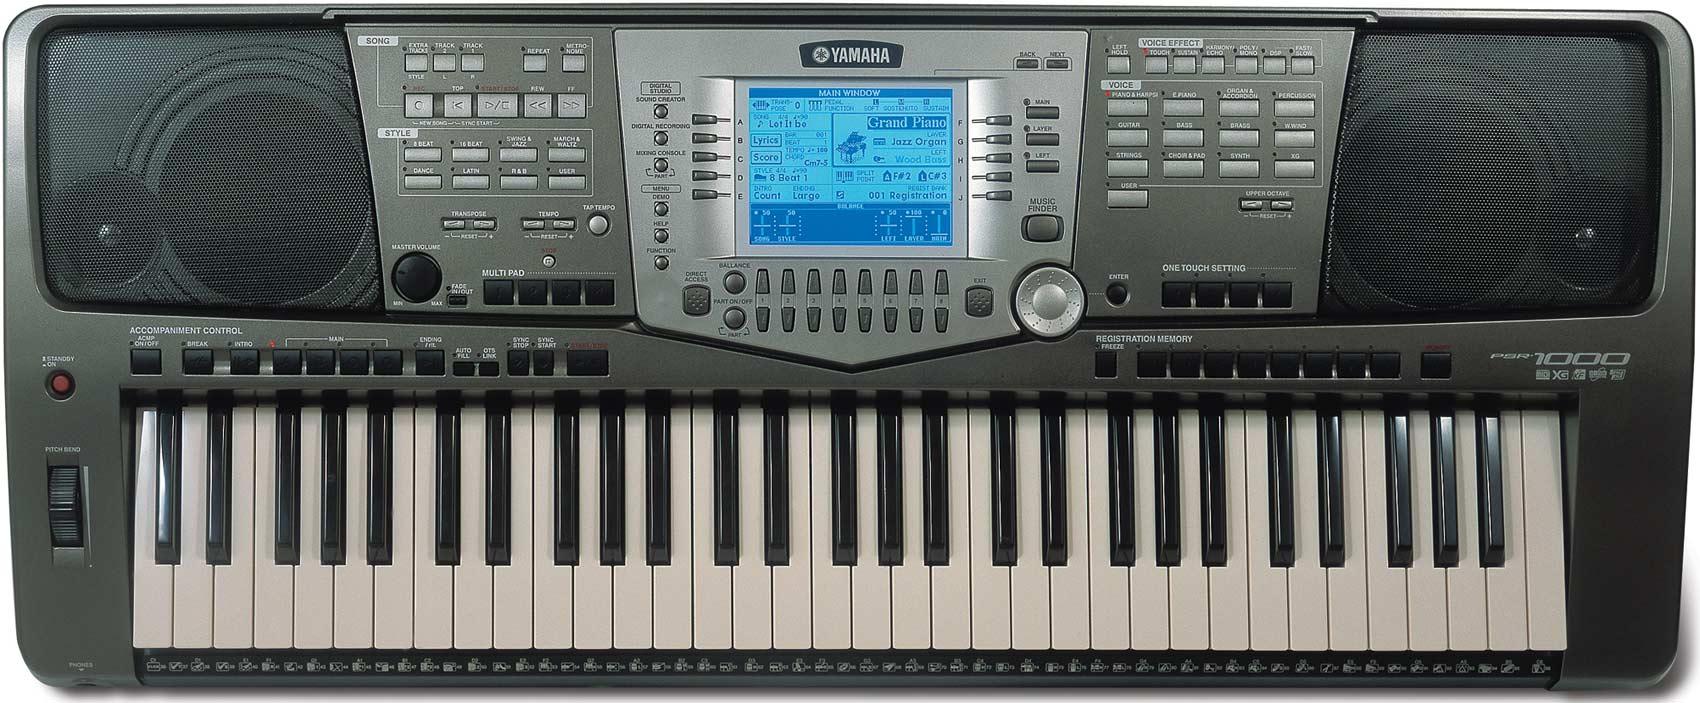 PIANO YAMAHA A1000 GRATUIT GRATUIT TÉLÉCHARGER